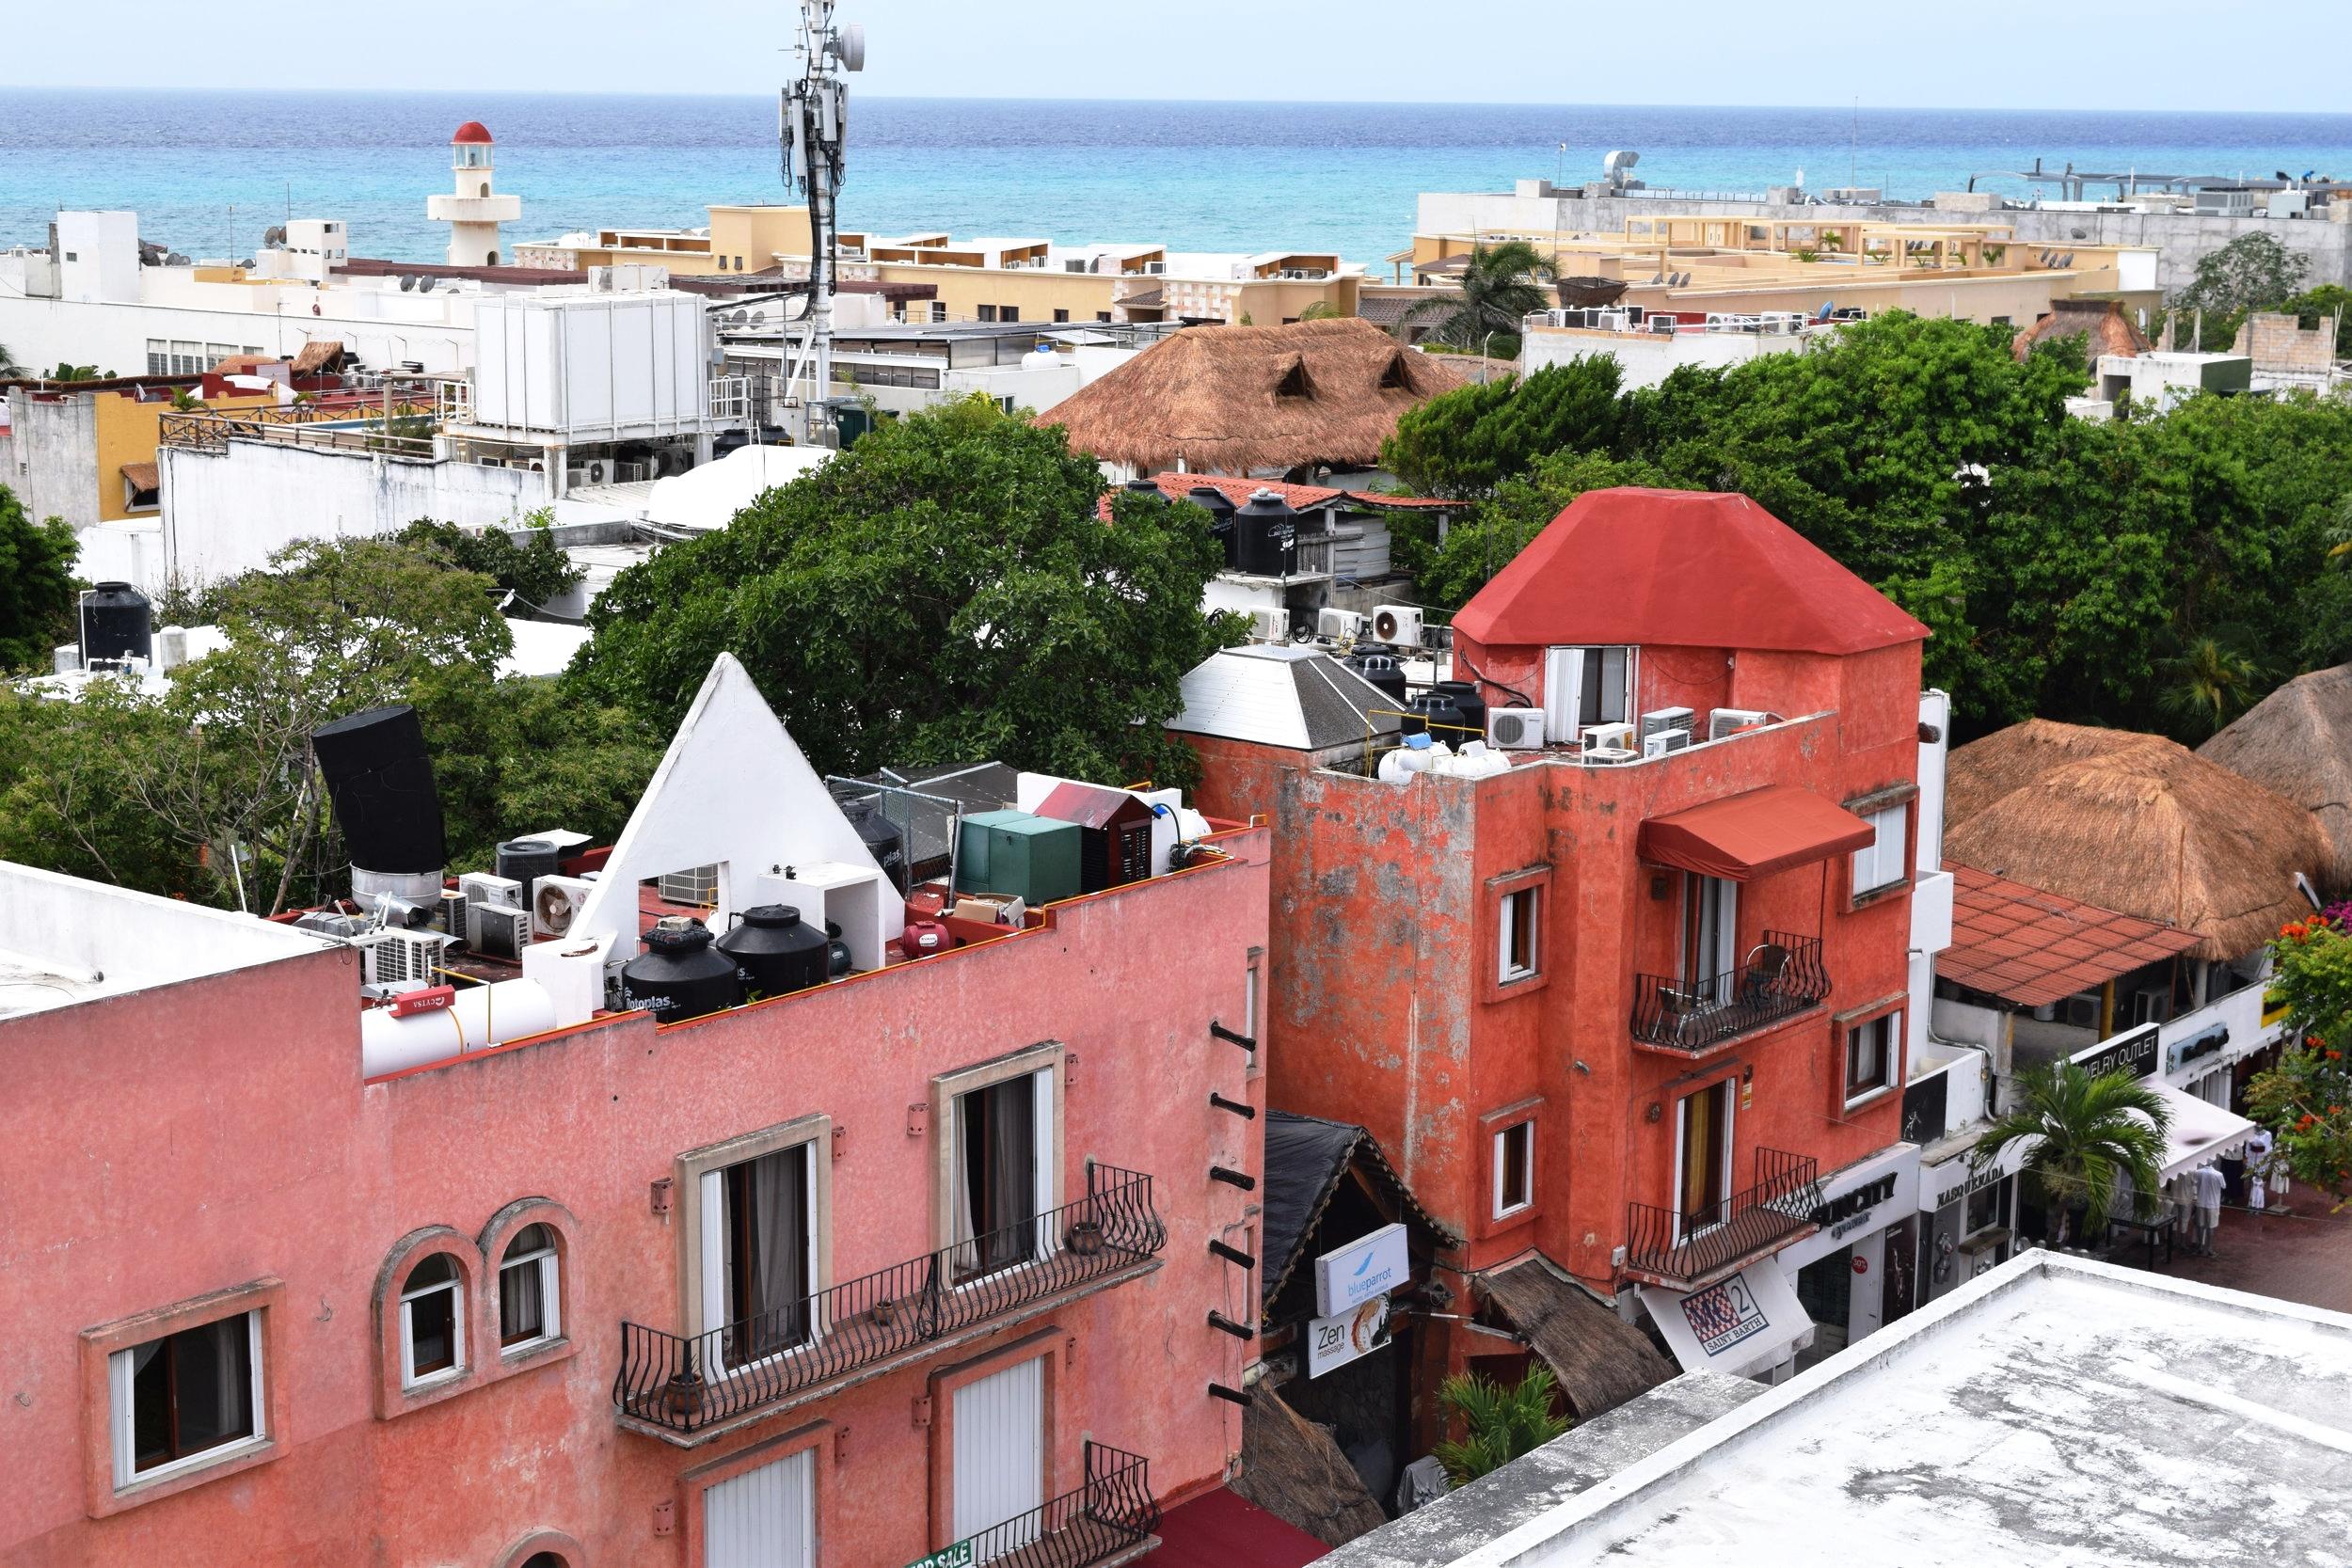 Spanish hacienda architecture outside our balcony.